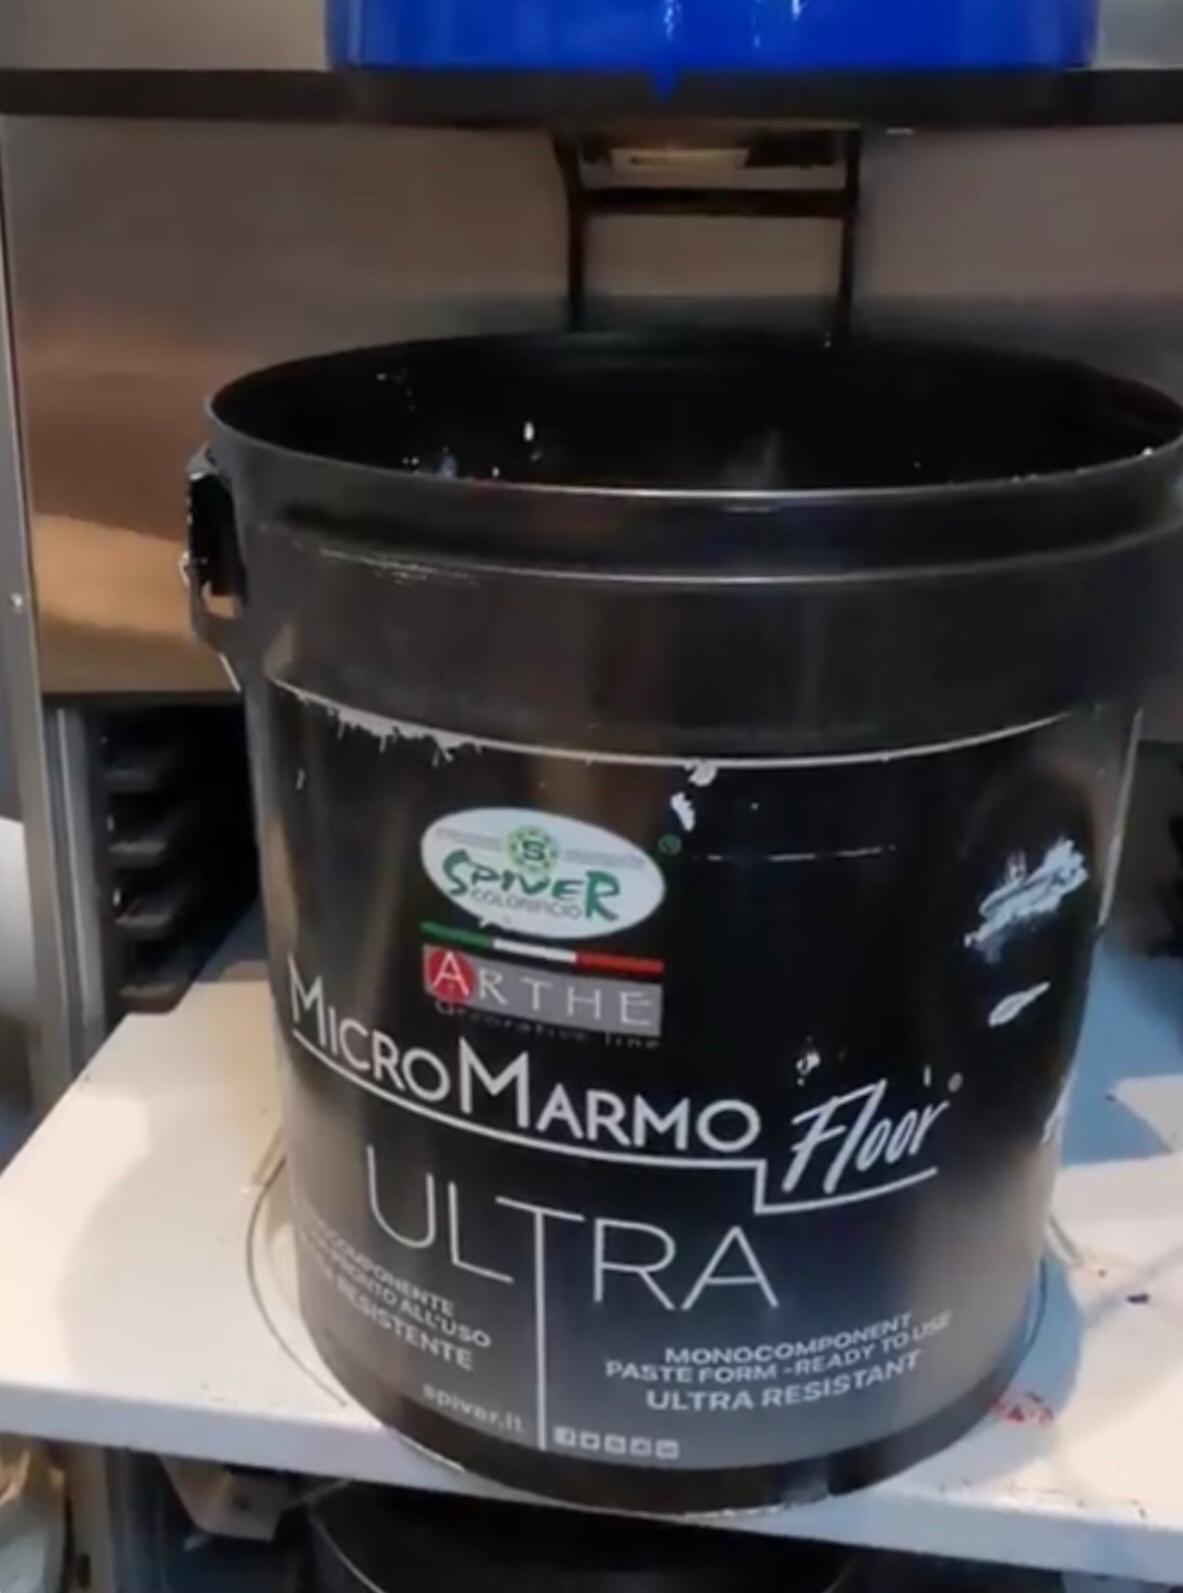 MicroMarmo Ultra